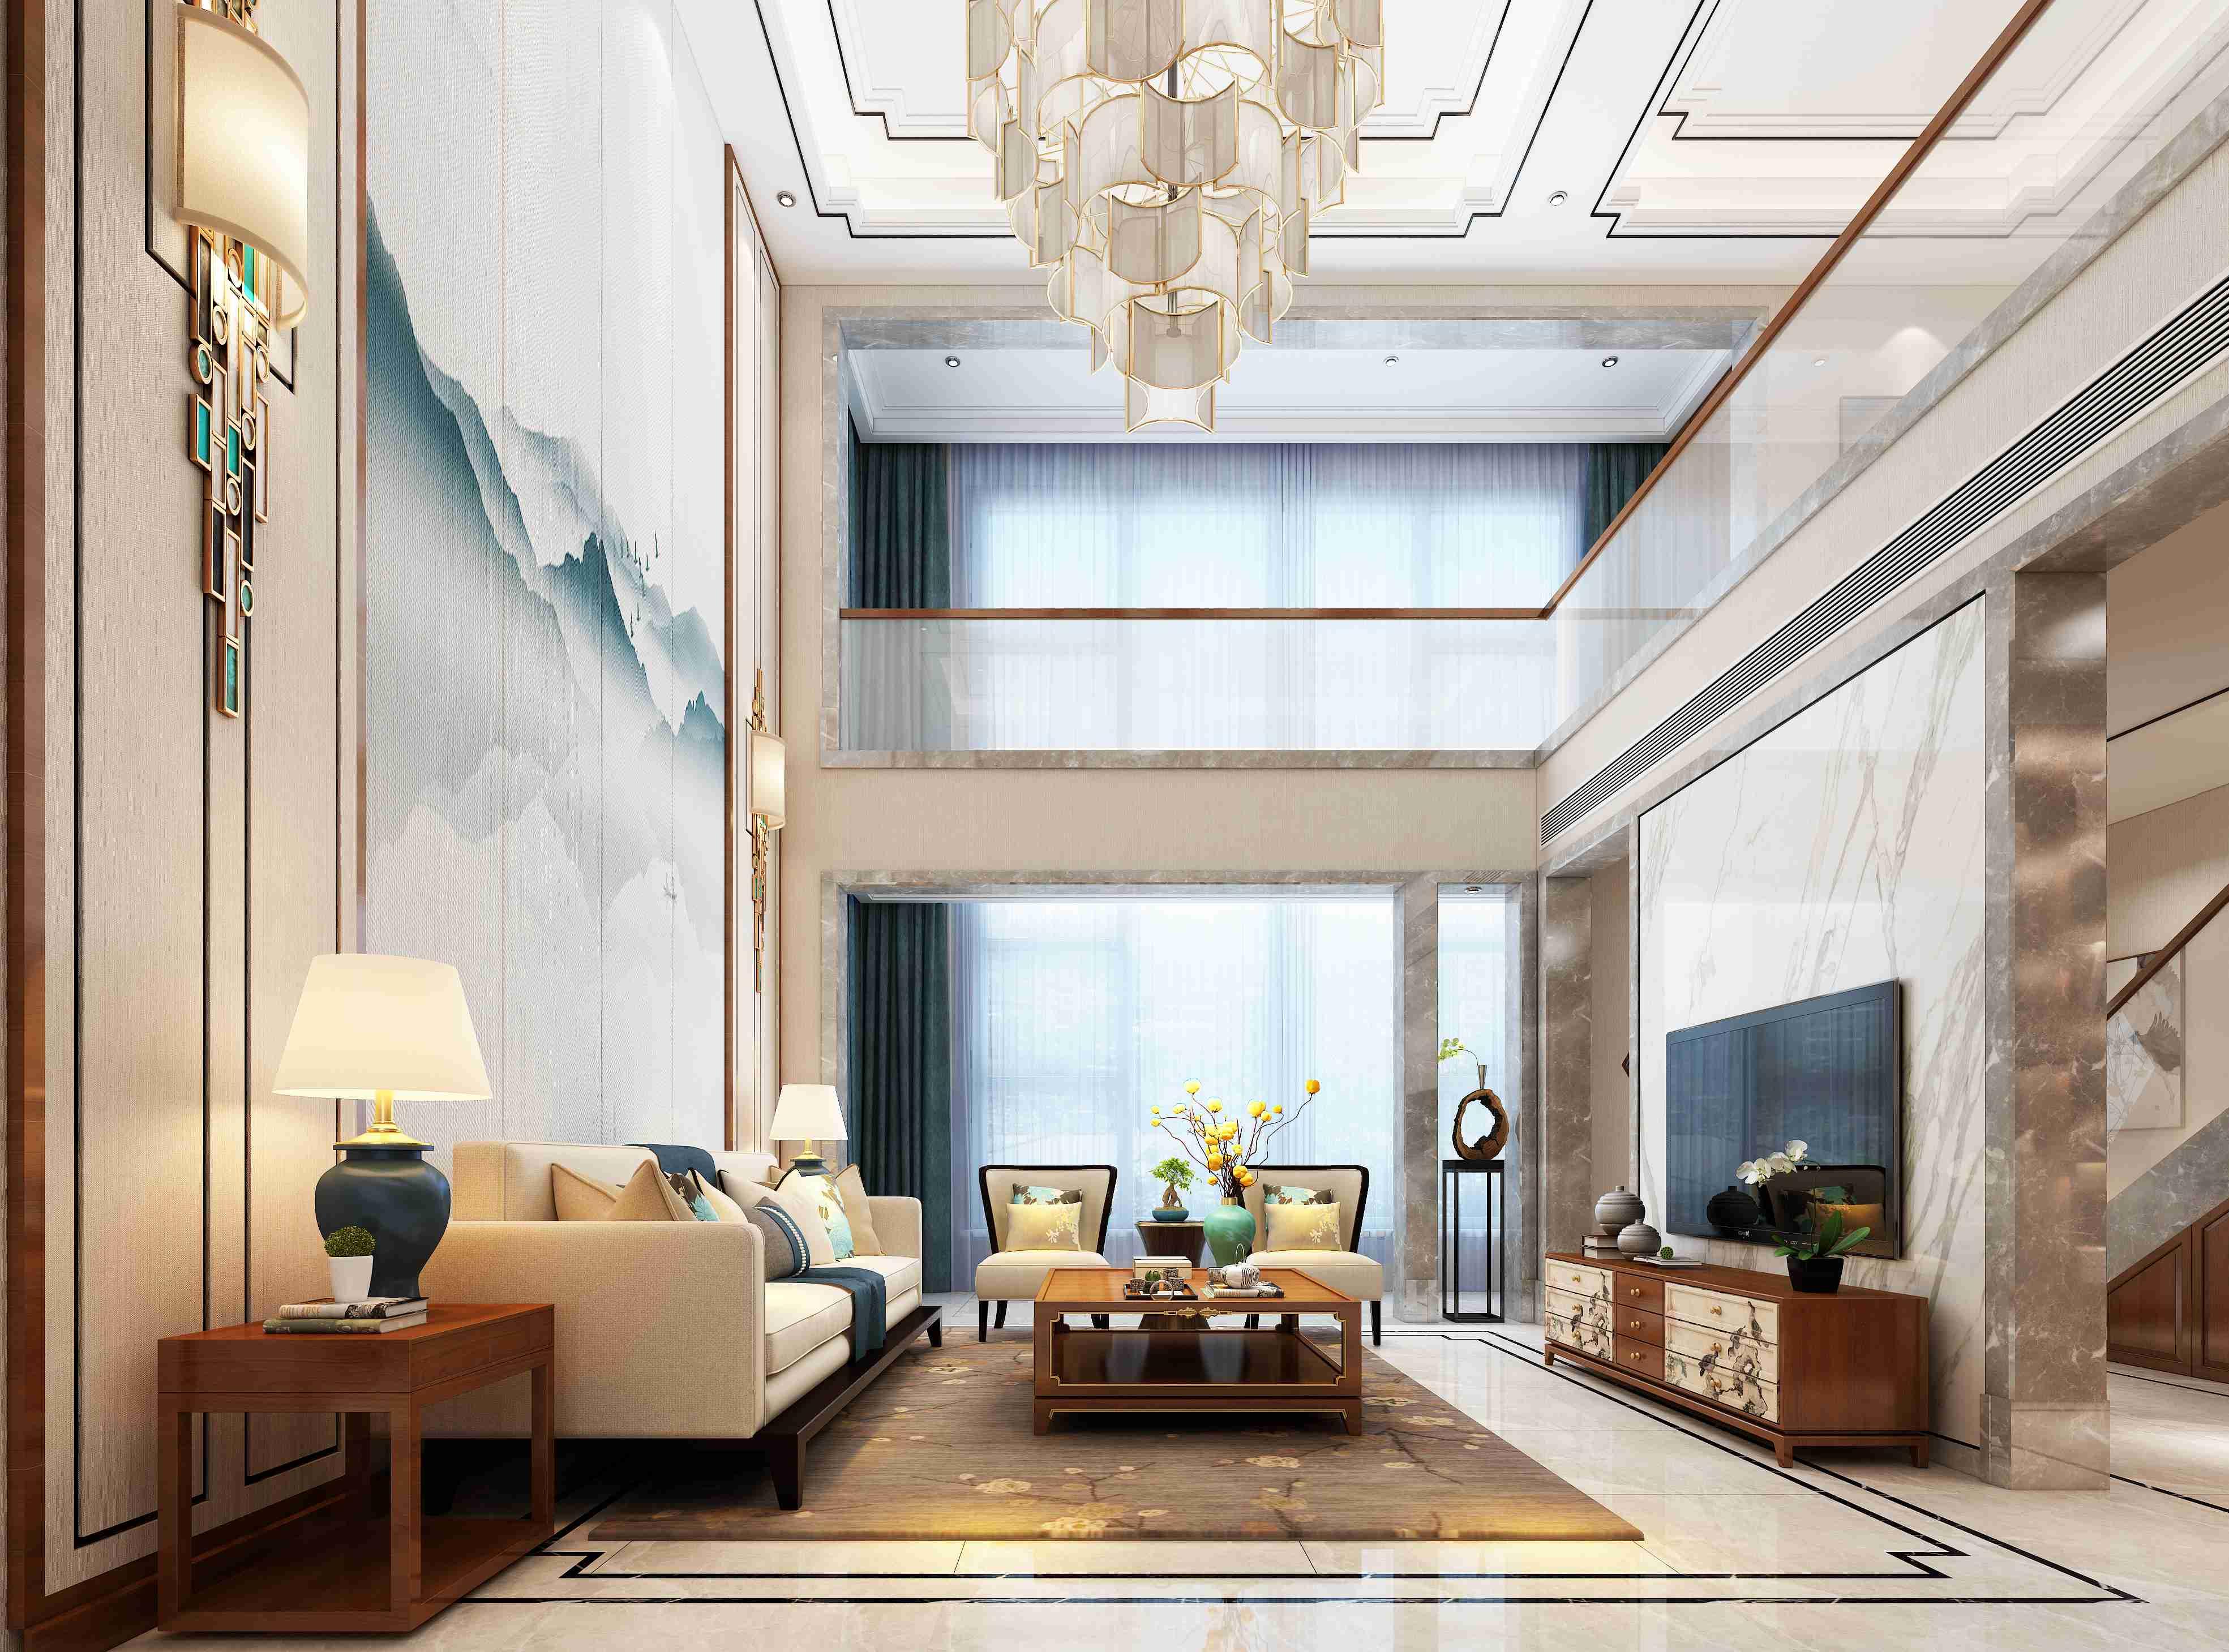 """大面积的素色壁布,让人联想到干净、简洁。电视墙选用了具有文房四宝中与""""墨""""形似而神不似的石材为背景,沙发墙大面积使用定制的山纹水墨画硬包为面层,时尚大气又不失传统元素的存在,用现代材质来表现传统味道。"""